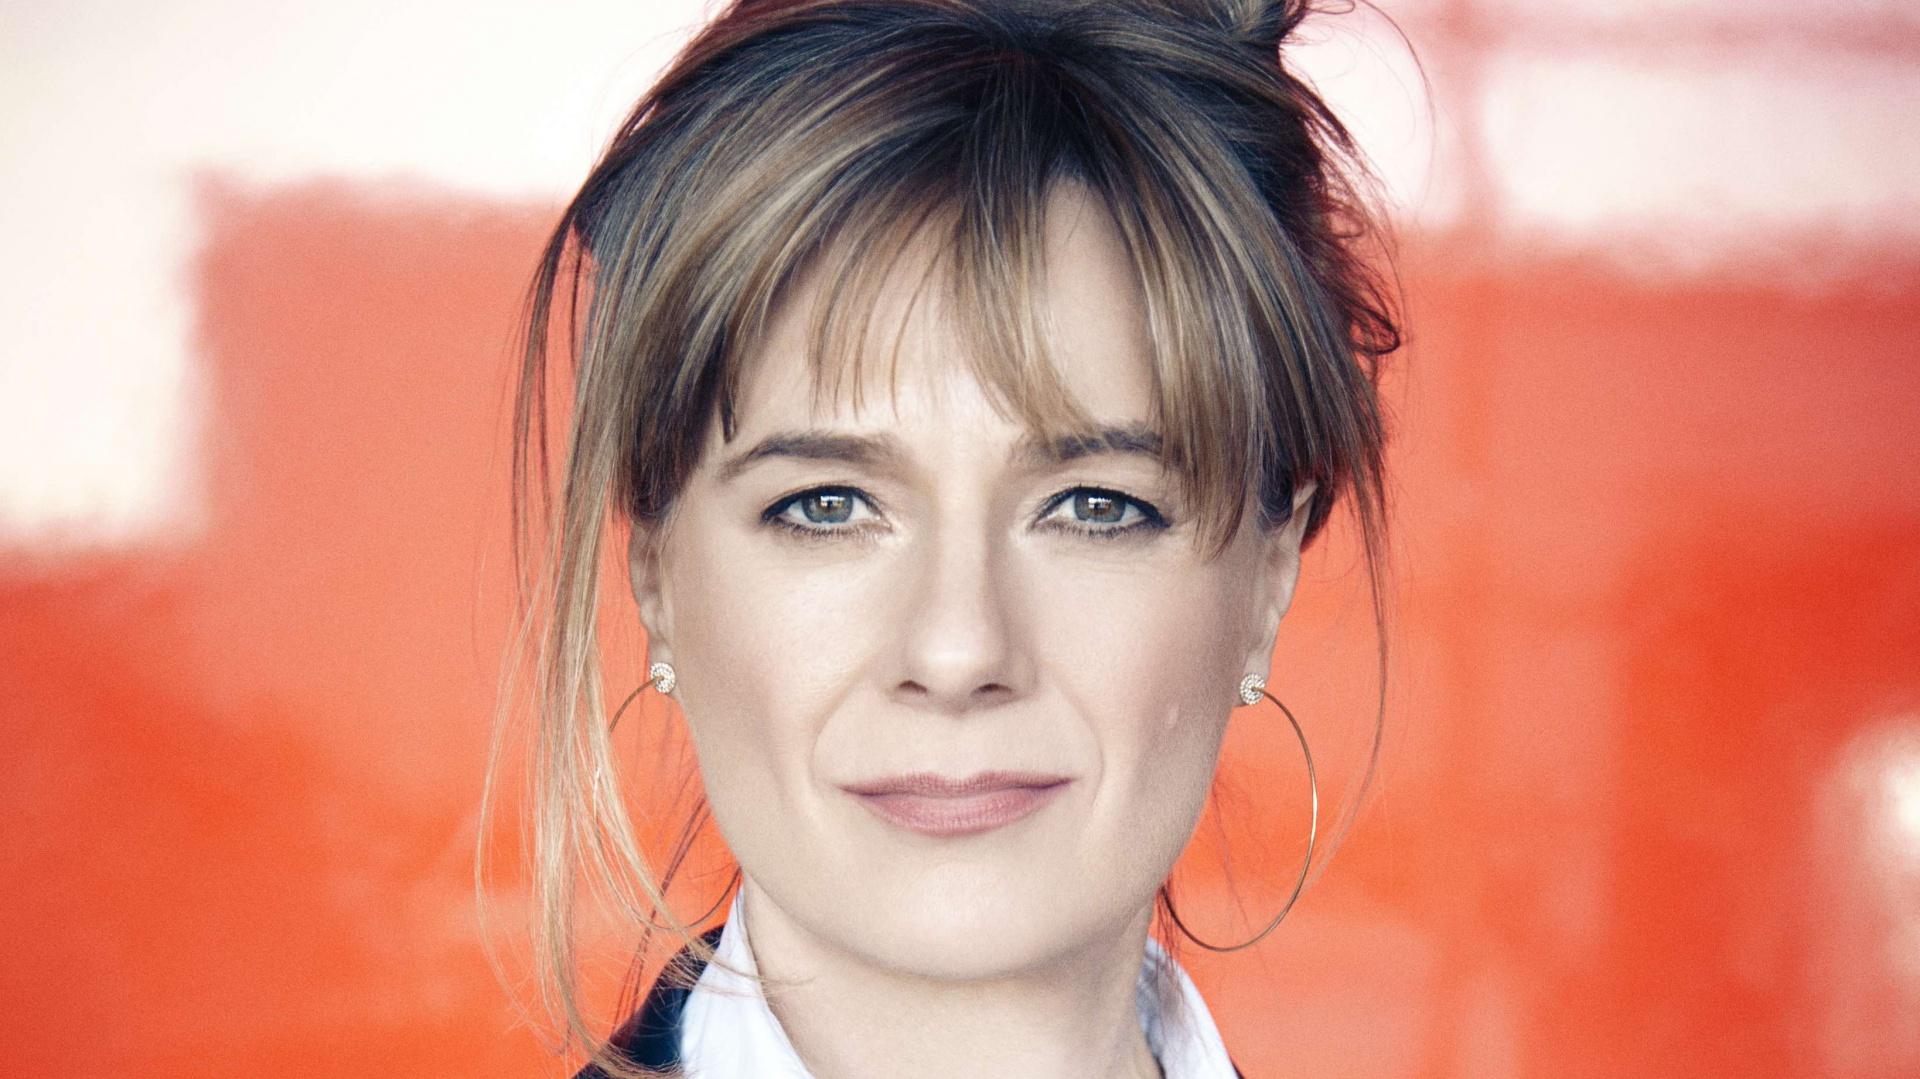 Amanda Levete rozpoczęła swoją karierę w 1989 r., kiedy dołączyła do awangardowej pracowni Future Systems, z którą dziesięć lat później zdobyła najbardziej prestiżową nagrodę architektoniczną w Wielkiej Brytanii – nagrodę Stirlinga. Fot. Materiały prasowe